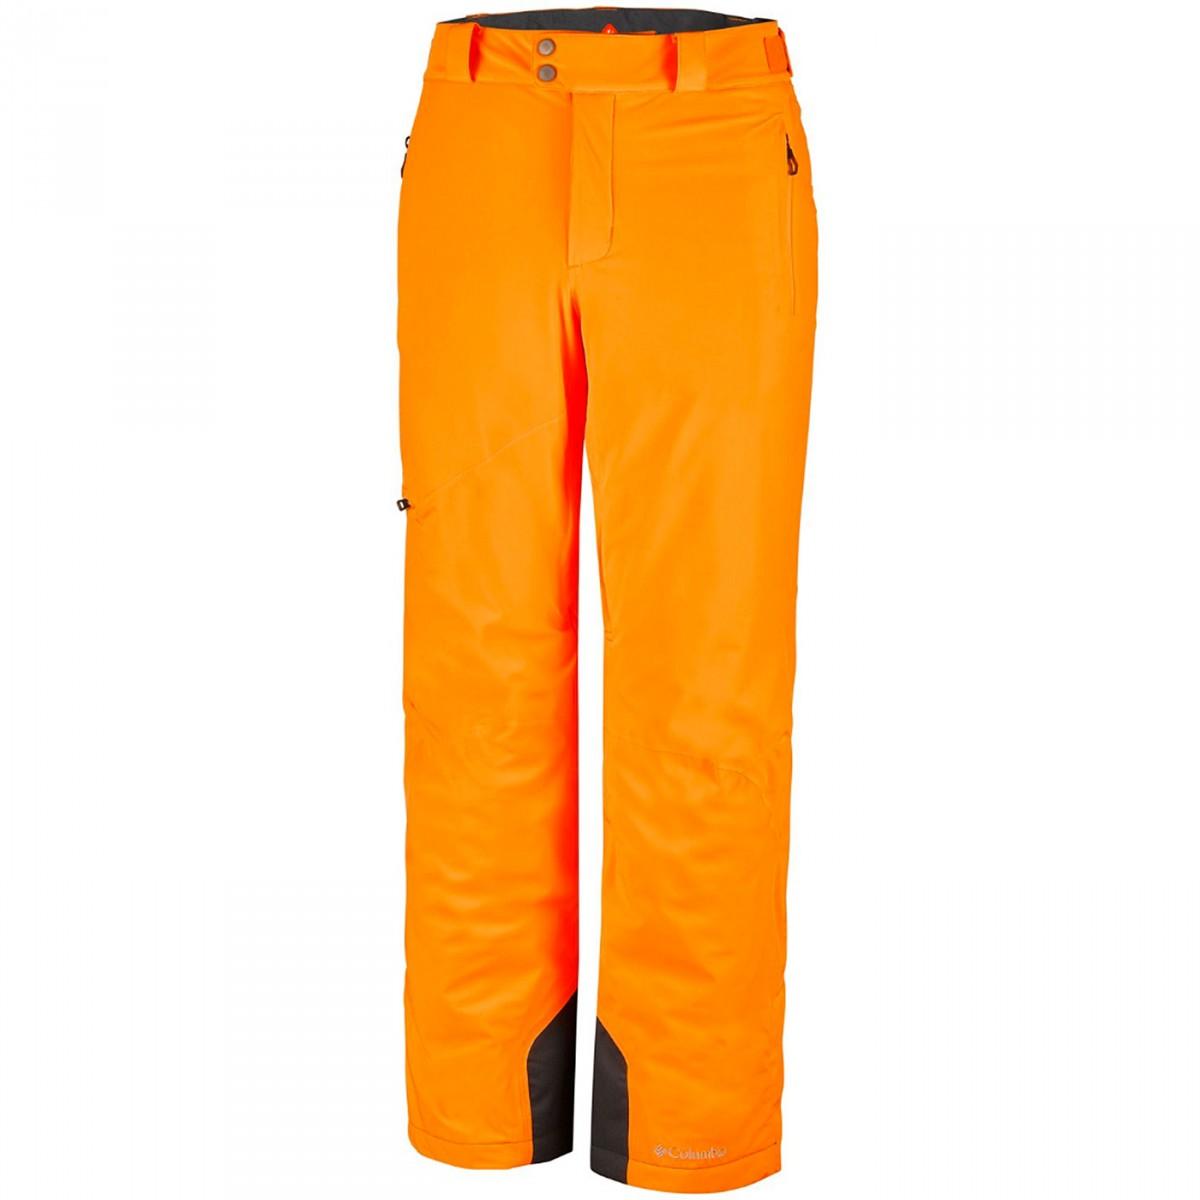 Hombre Blur Pantalones Esquí Ropa Columbia xwFwqt7E